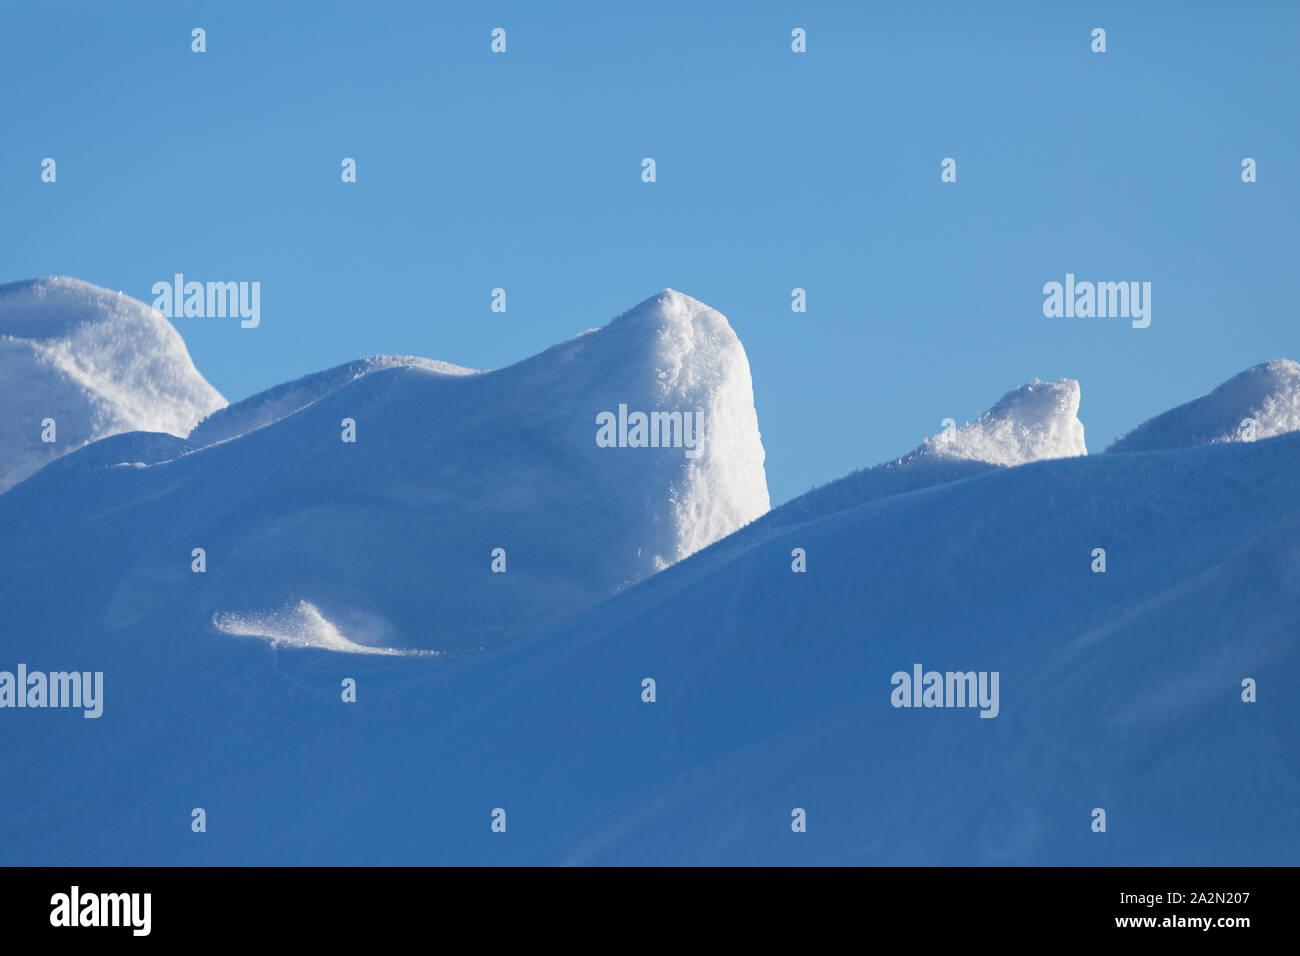 Dyynimäiset lumihangen muodot taivasta vasten Stock Photo